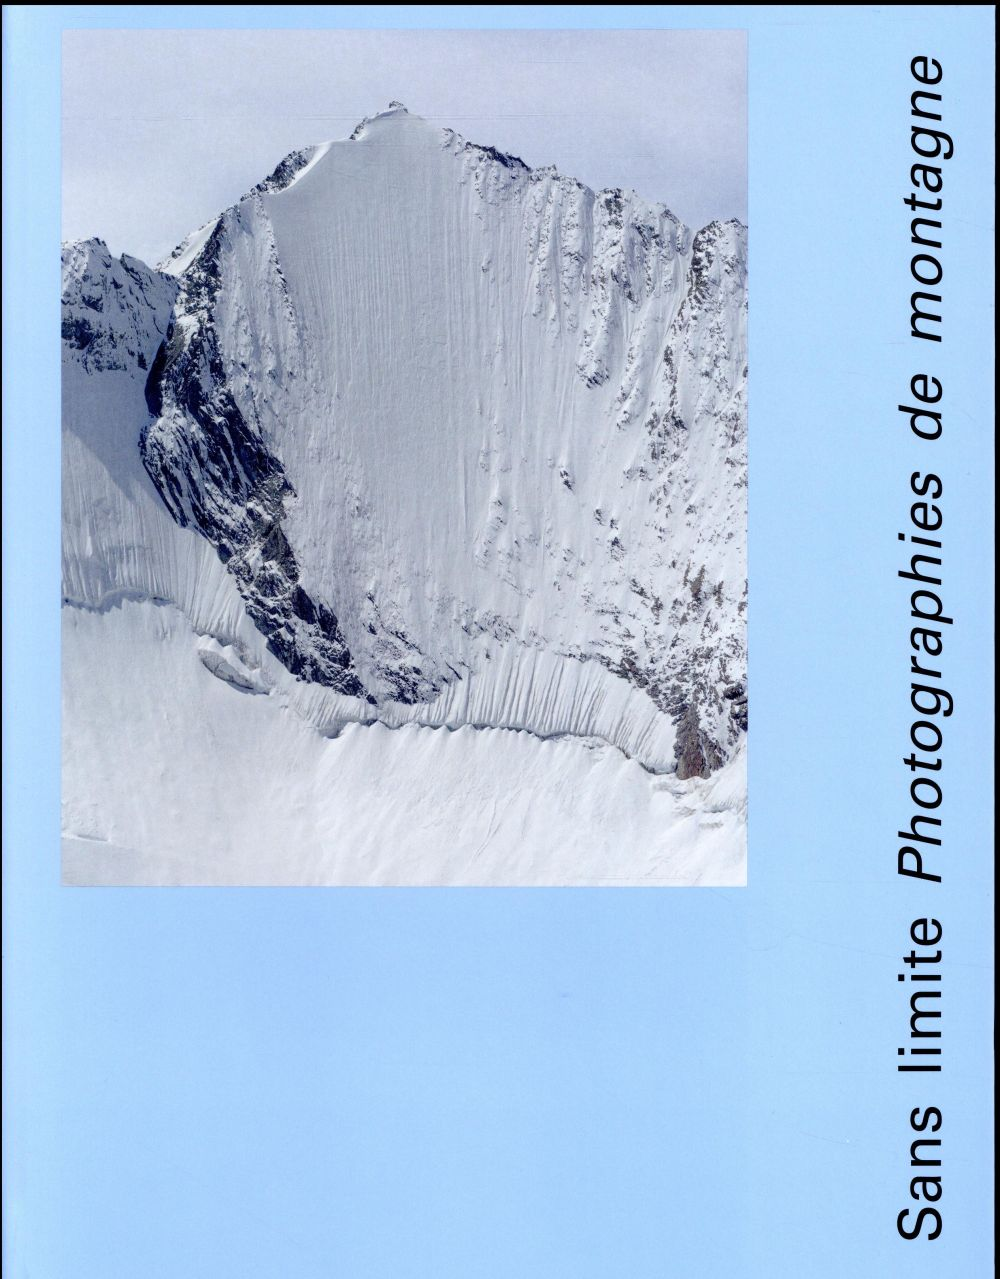 sans limite ; photographies de montagne